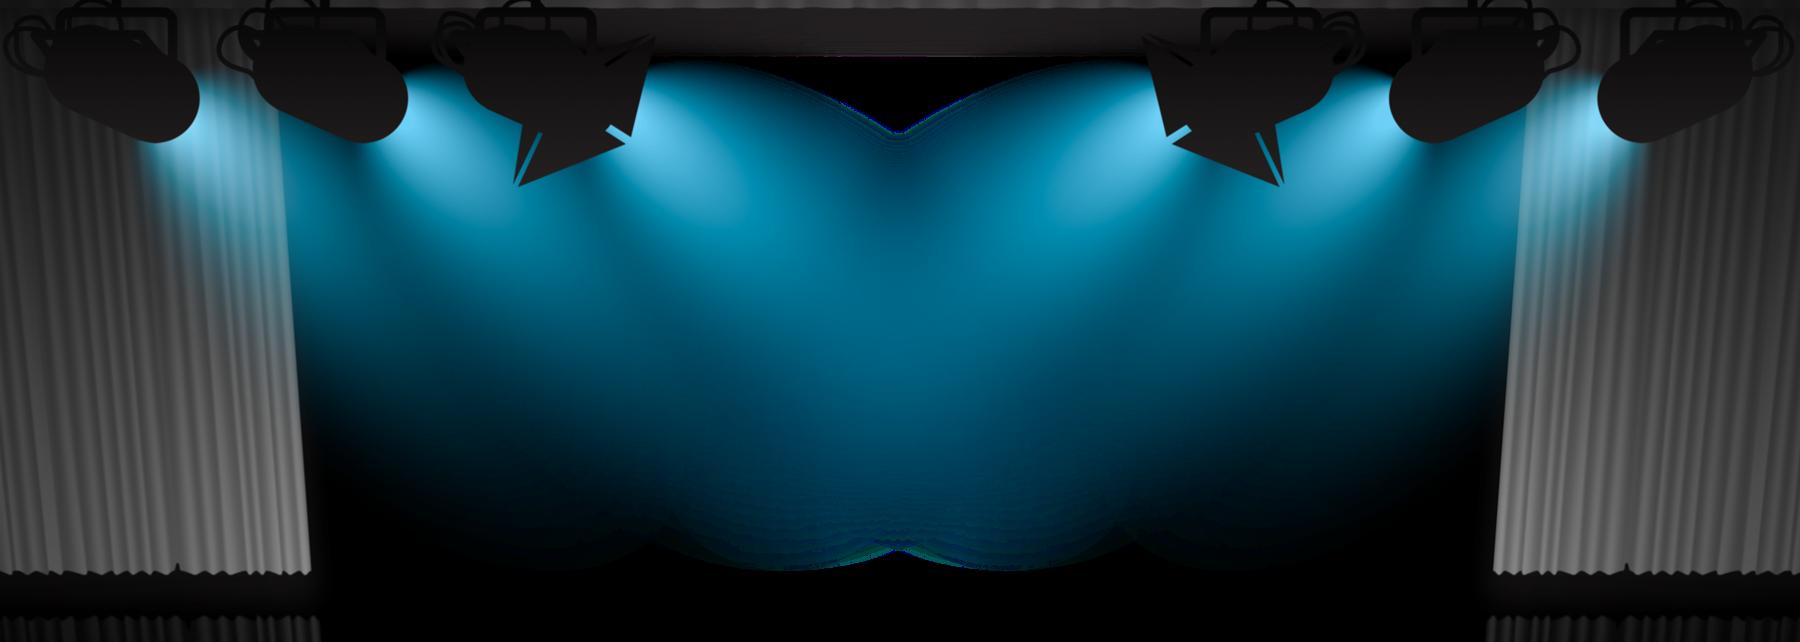 Blue Spotlight Png